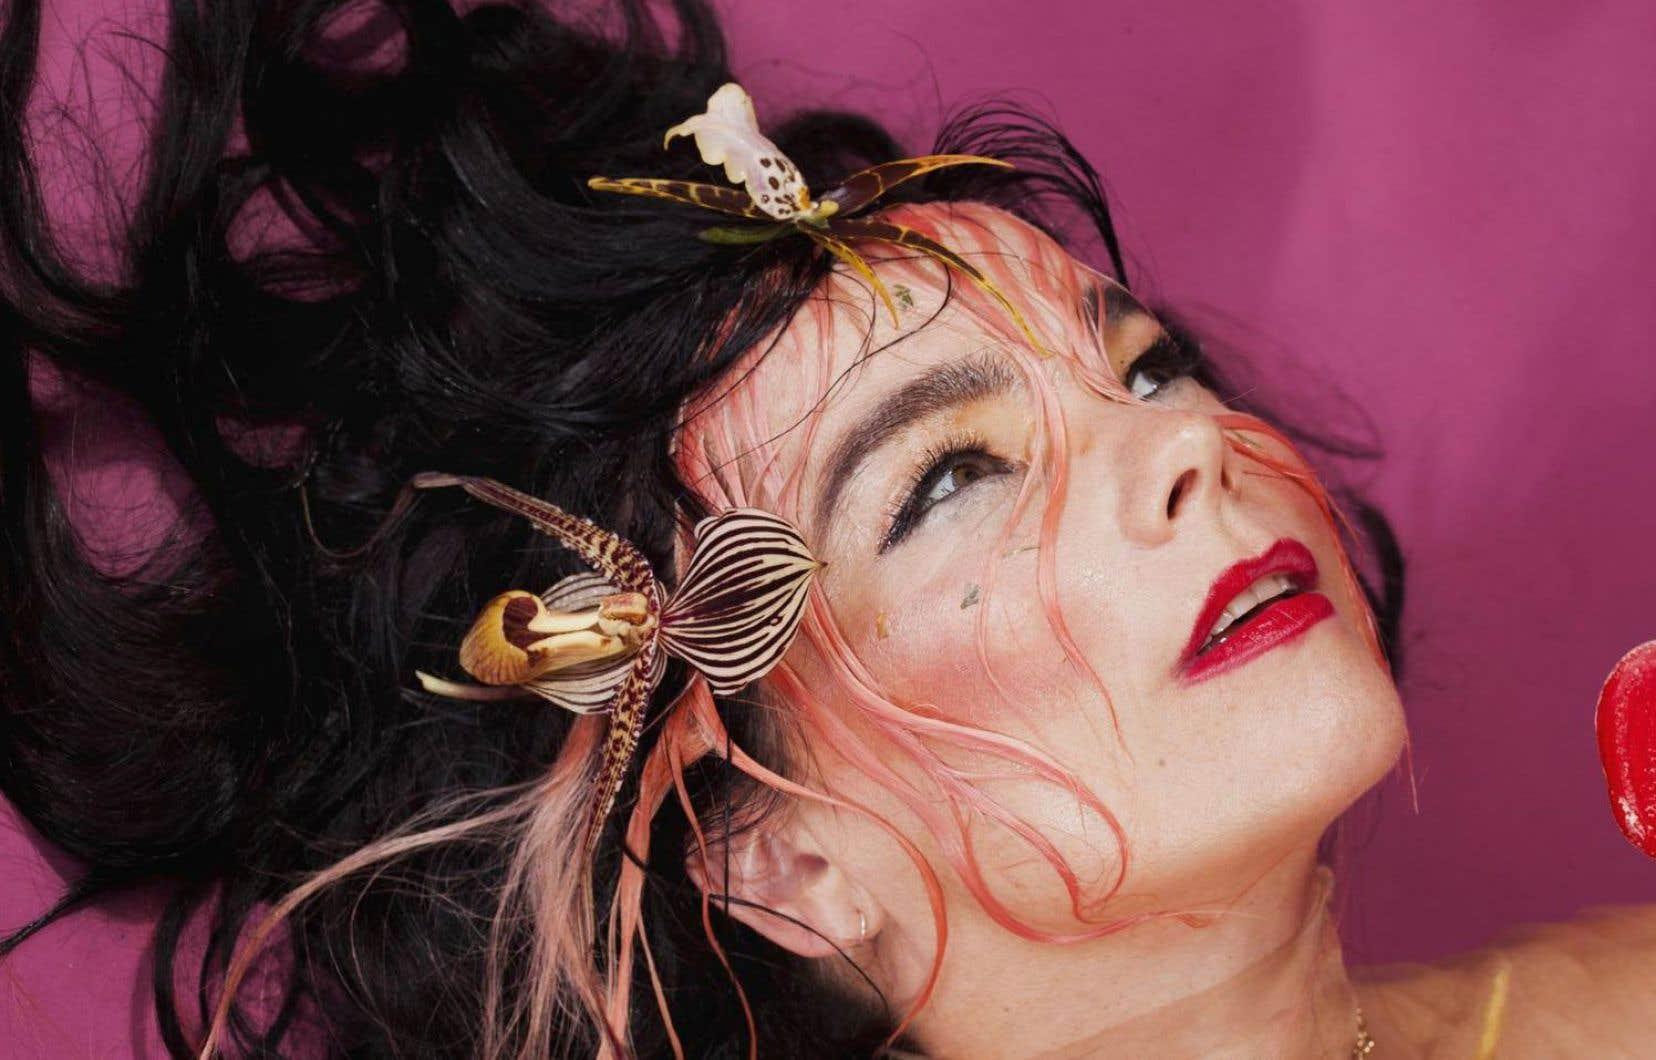 Les jours meilleurs sont annoncés dans le 10e album solo de Björk. Un rêve, un message d'espoir de l'artiste unique qui ici se dresse en réaction au précédent album et devant les obstacles jalonnant sa vie personnelle.